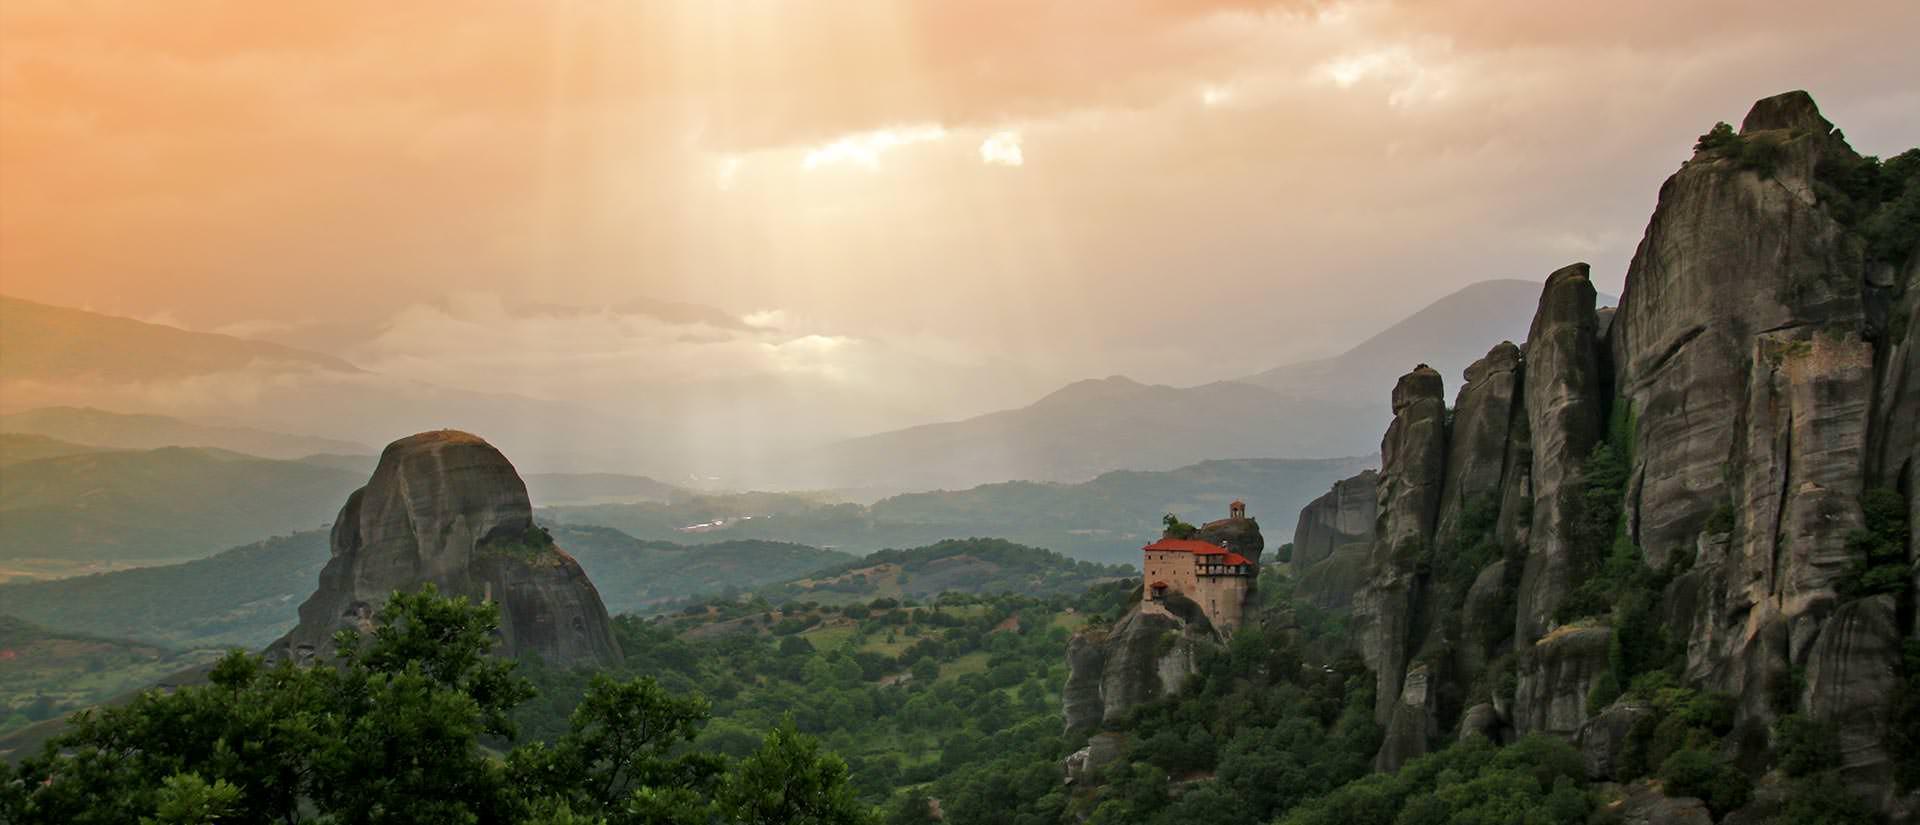 טיולים מאורגנים ליוון